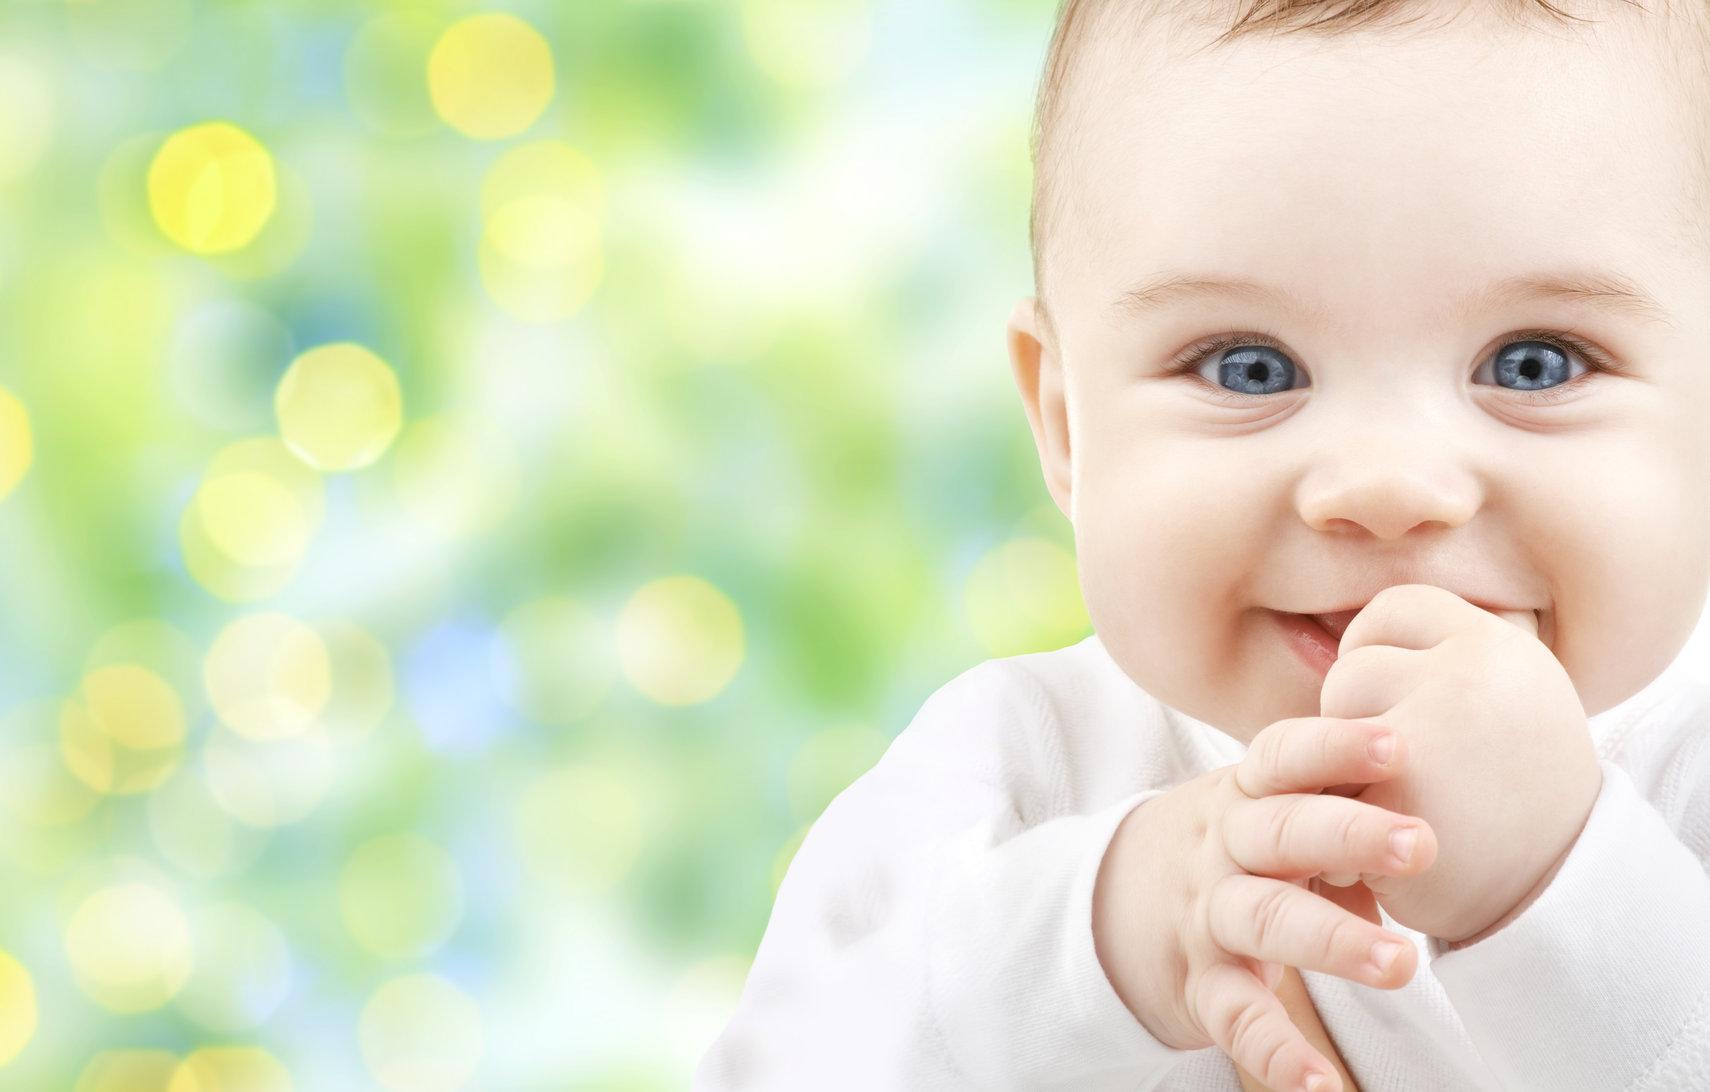 Fakta Tentang Bayi yang Moms Harus Tau